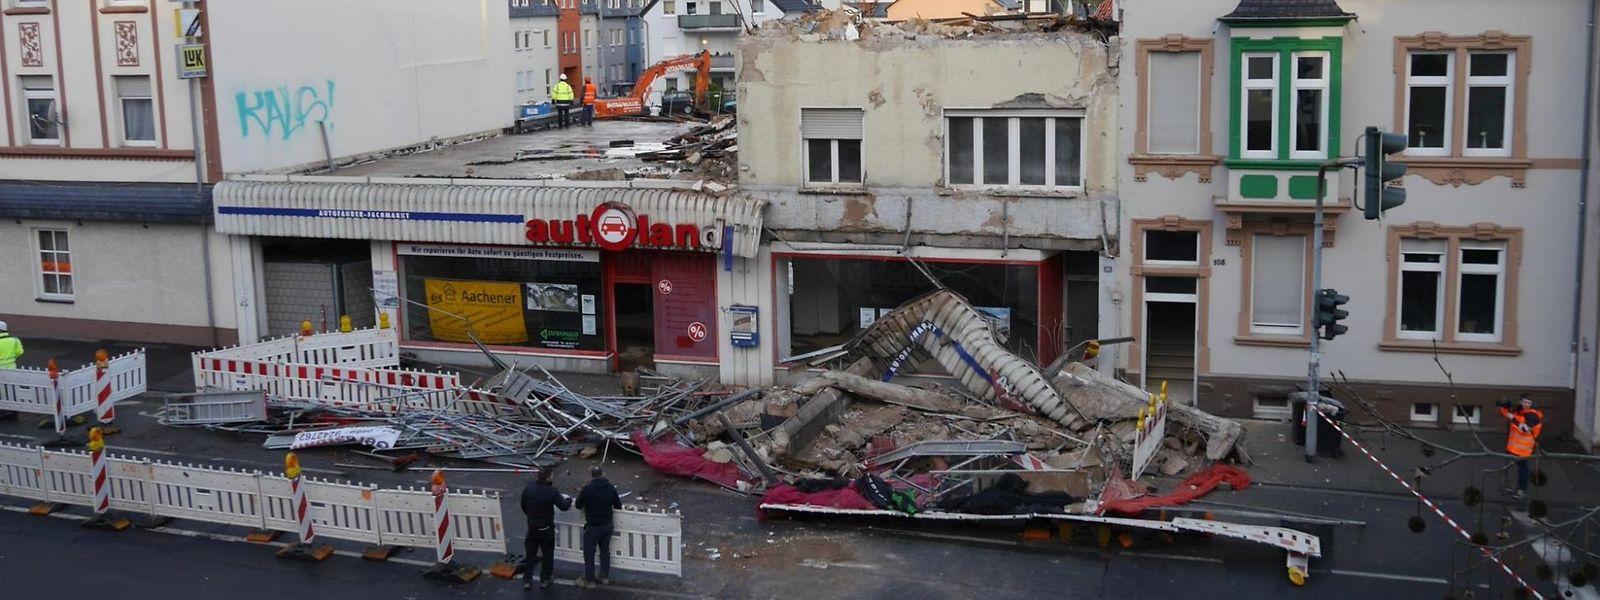 Das Baugerüst vor dem Gebäude in der Trierer Paulinstraße brach vollständig zusammen.